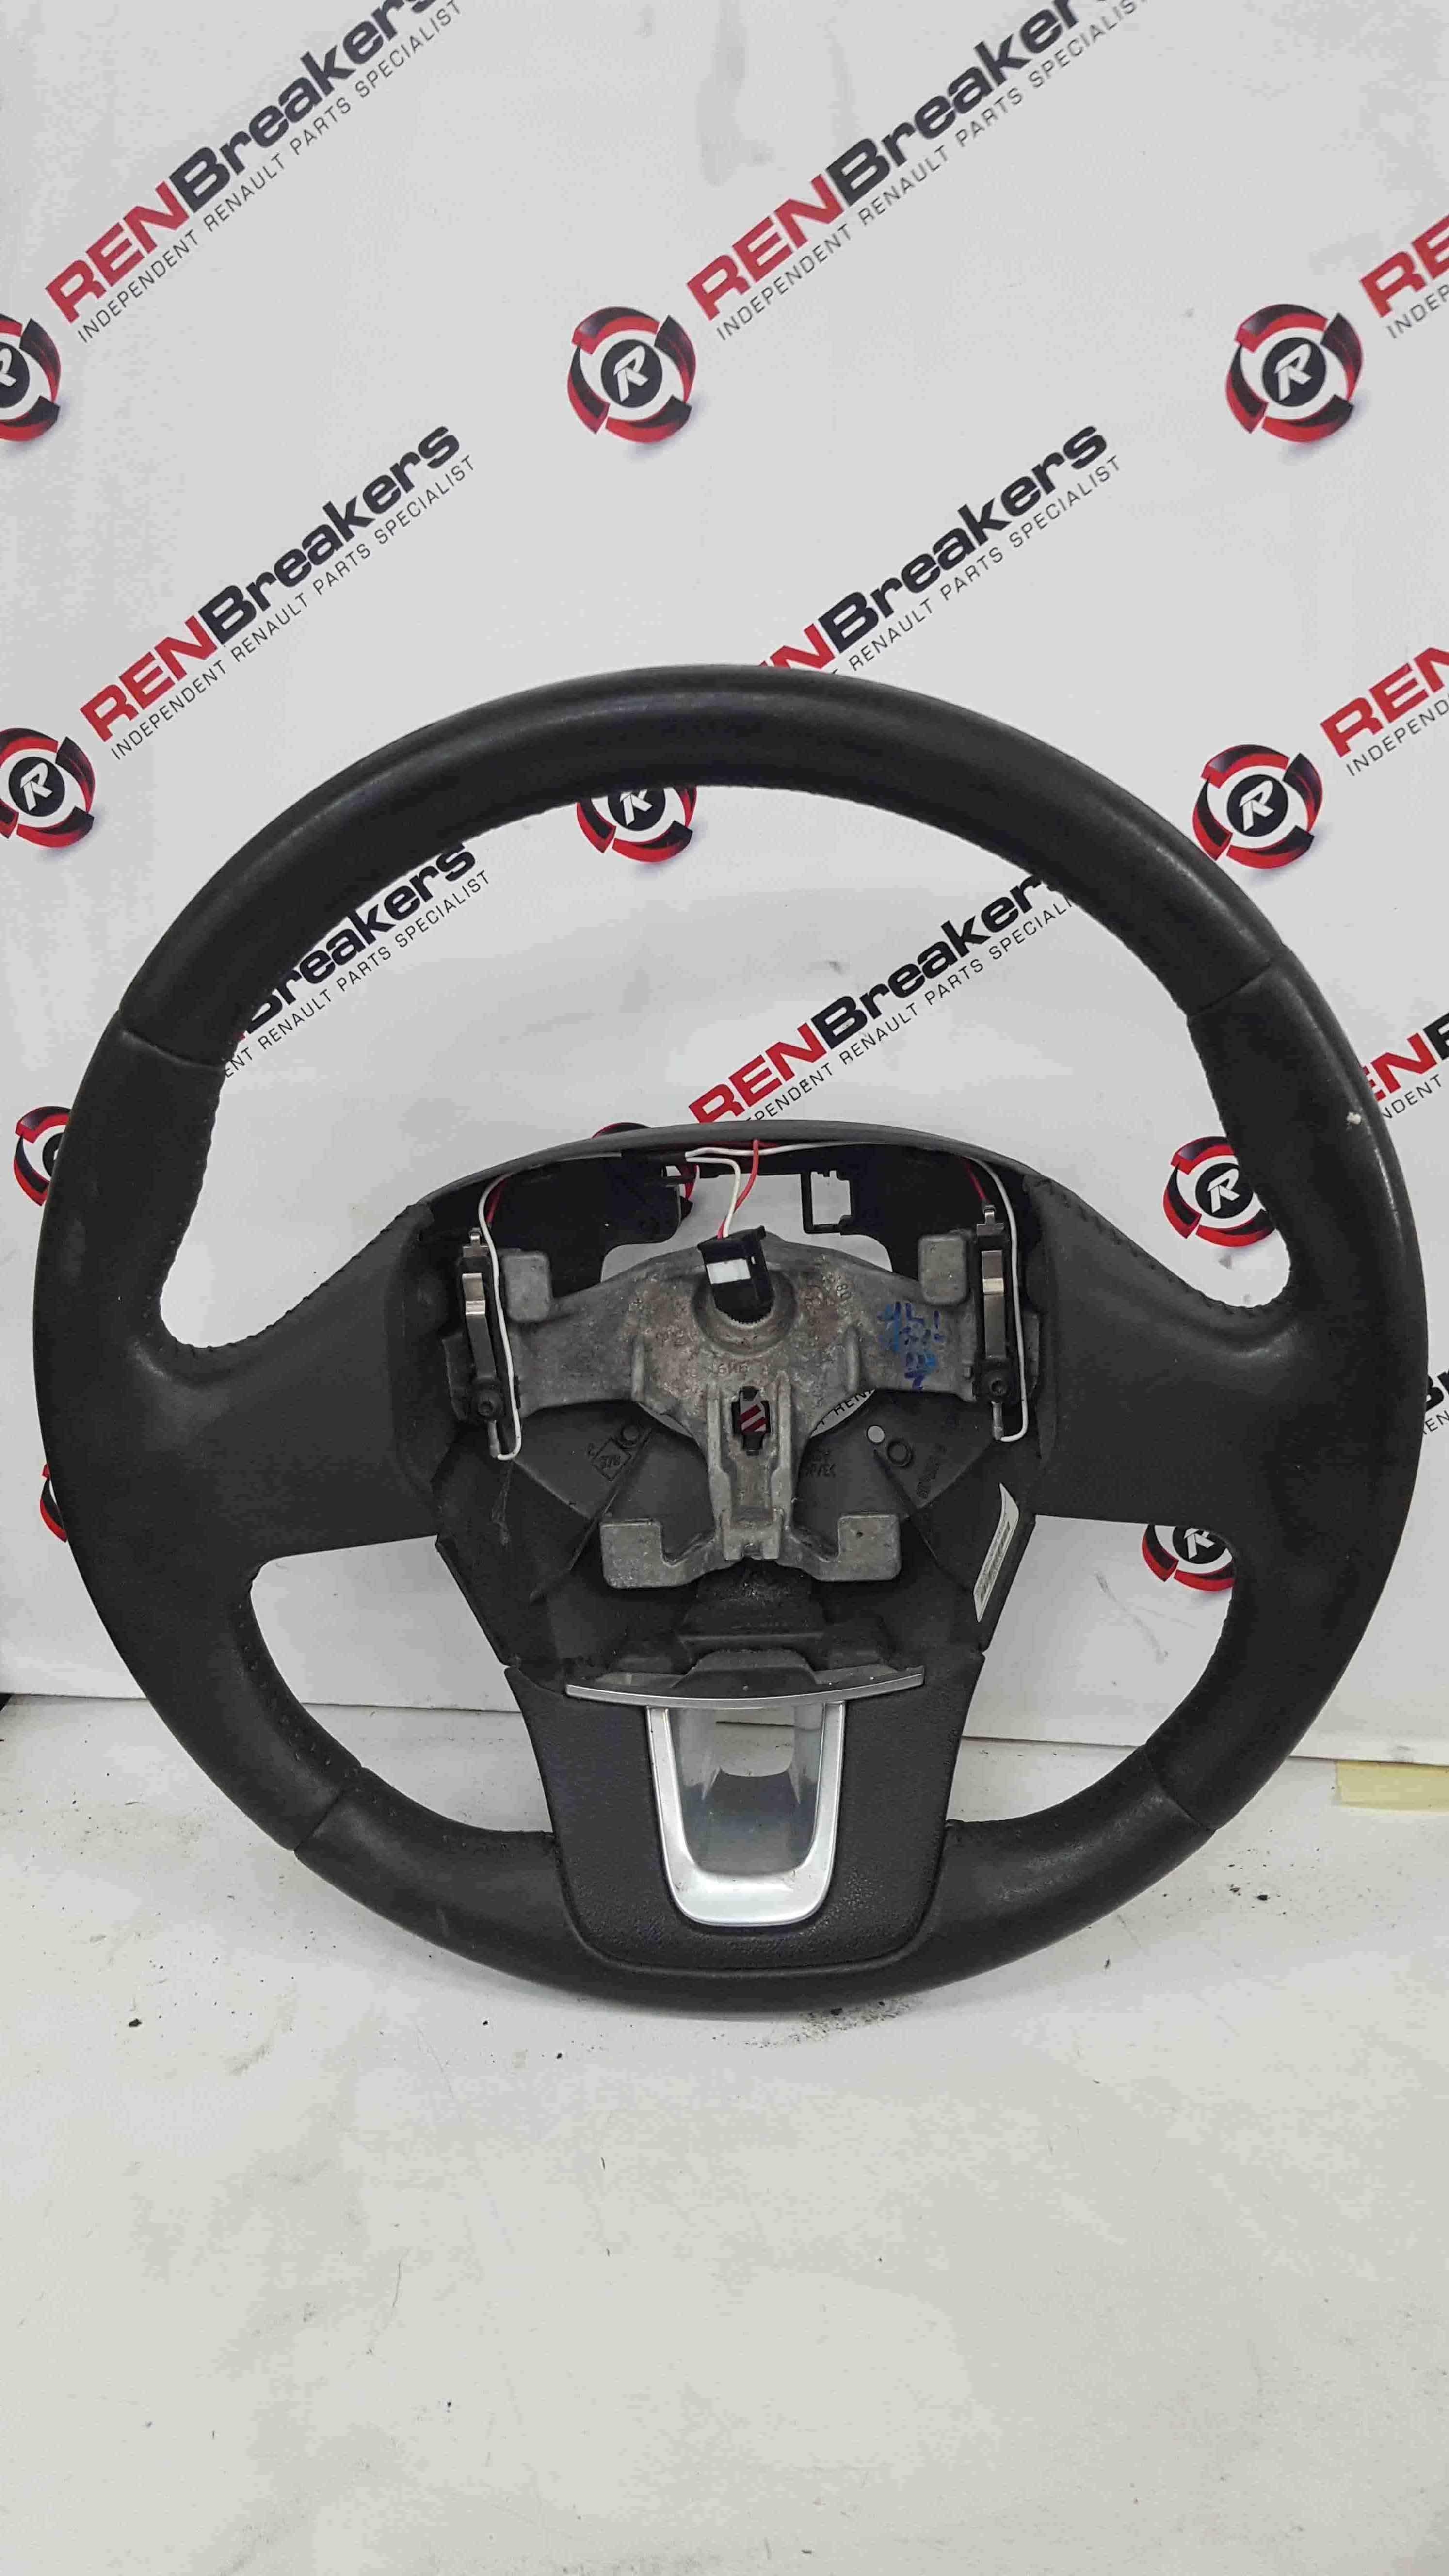 Renault Laguna MK3 2007-2012 Steering Wheel 484300013R